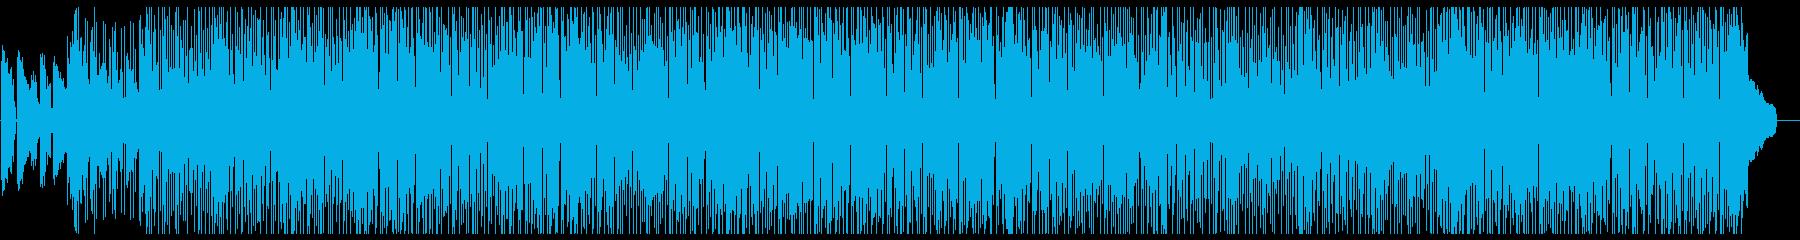 おしゃれで怪しげ、レトロなファンクの再生済みの波形